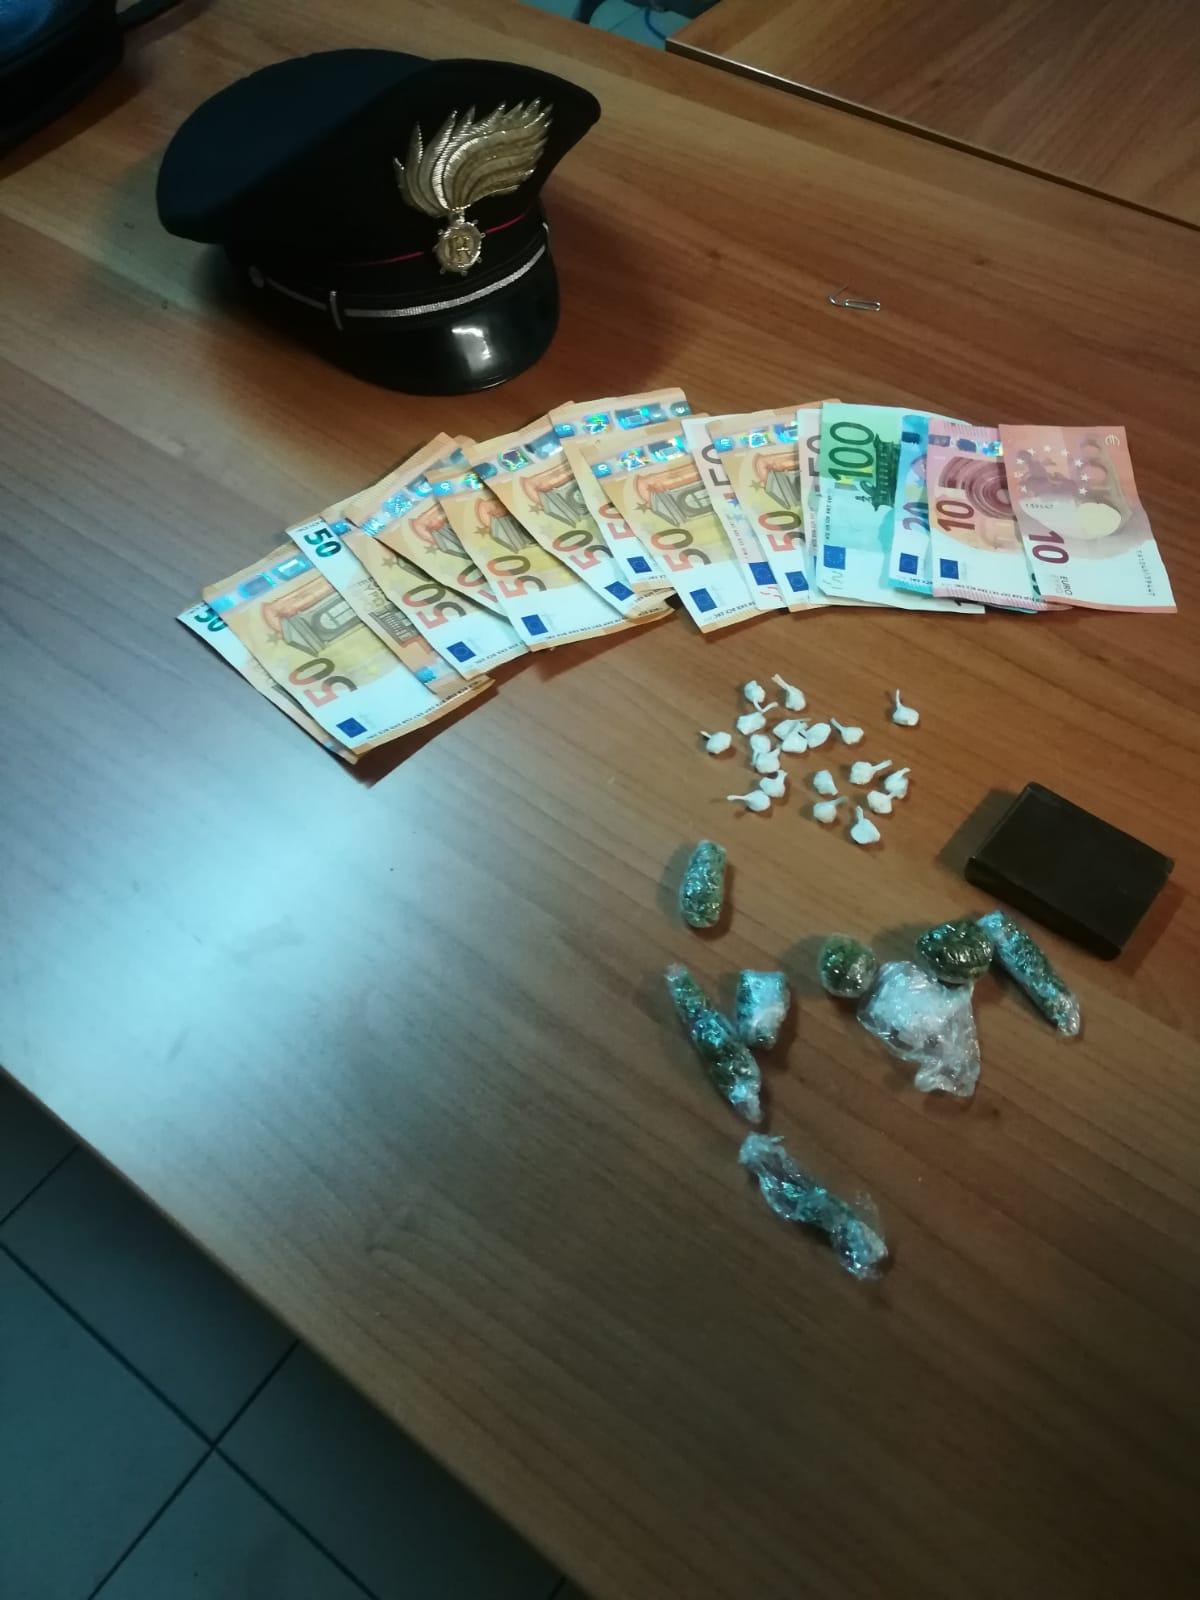 Montesarchio  Detenzione ai fini di spaccio di sostanze stupefacenti, arrestate due persone